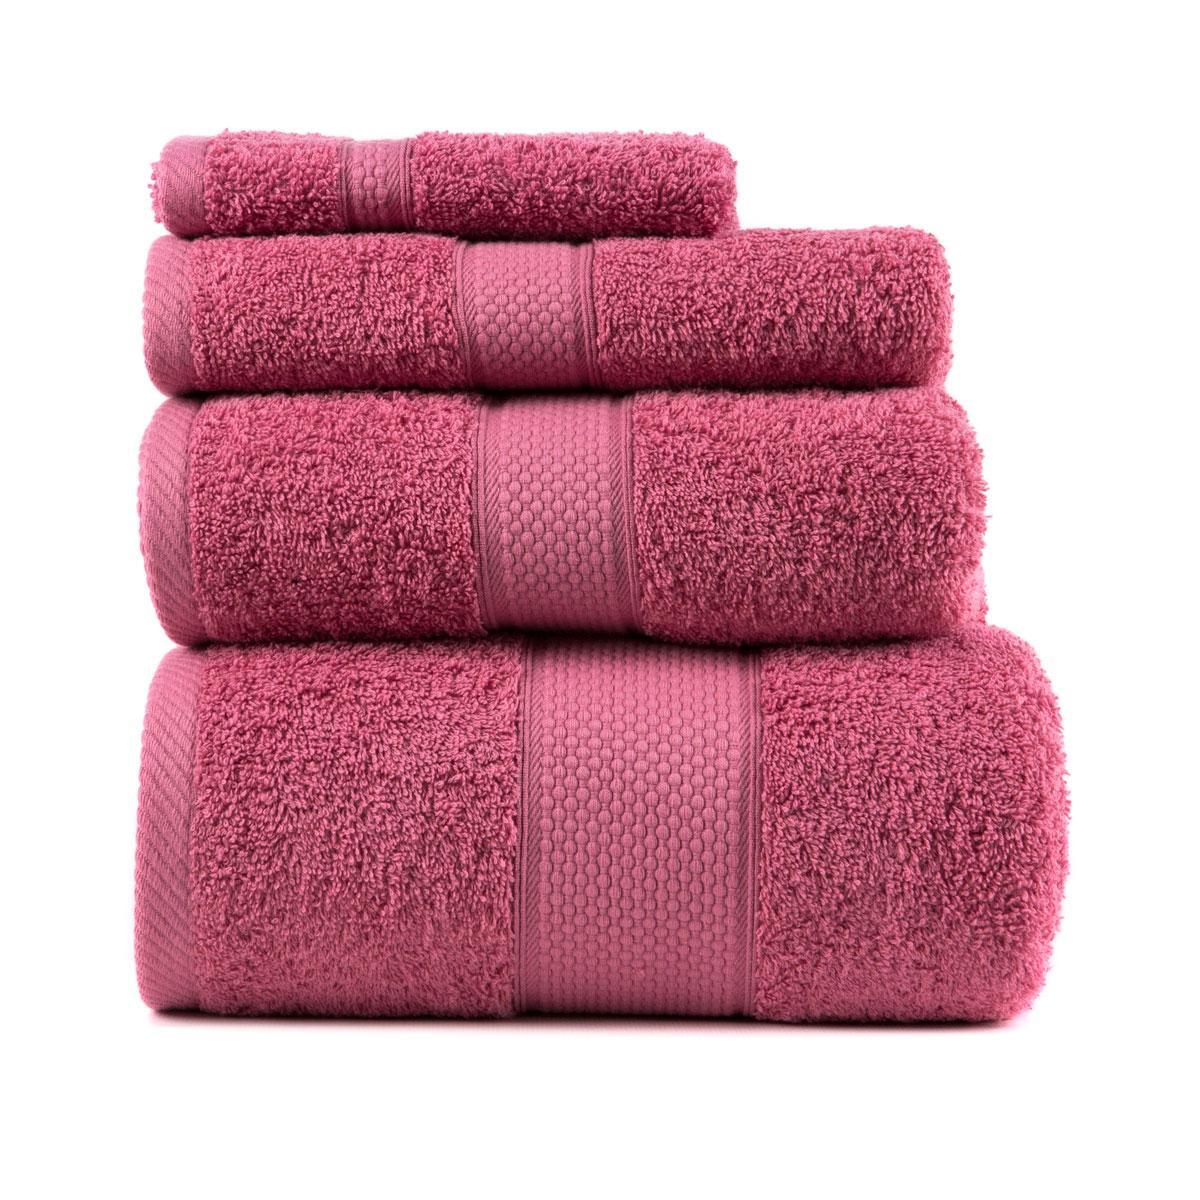 Полотенце для тела Arya Miranda Soft 70*140 см махровое банное сухая роза арт.TR1002479